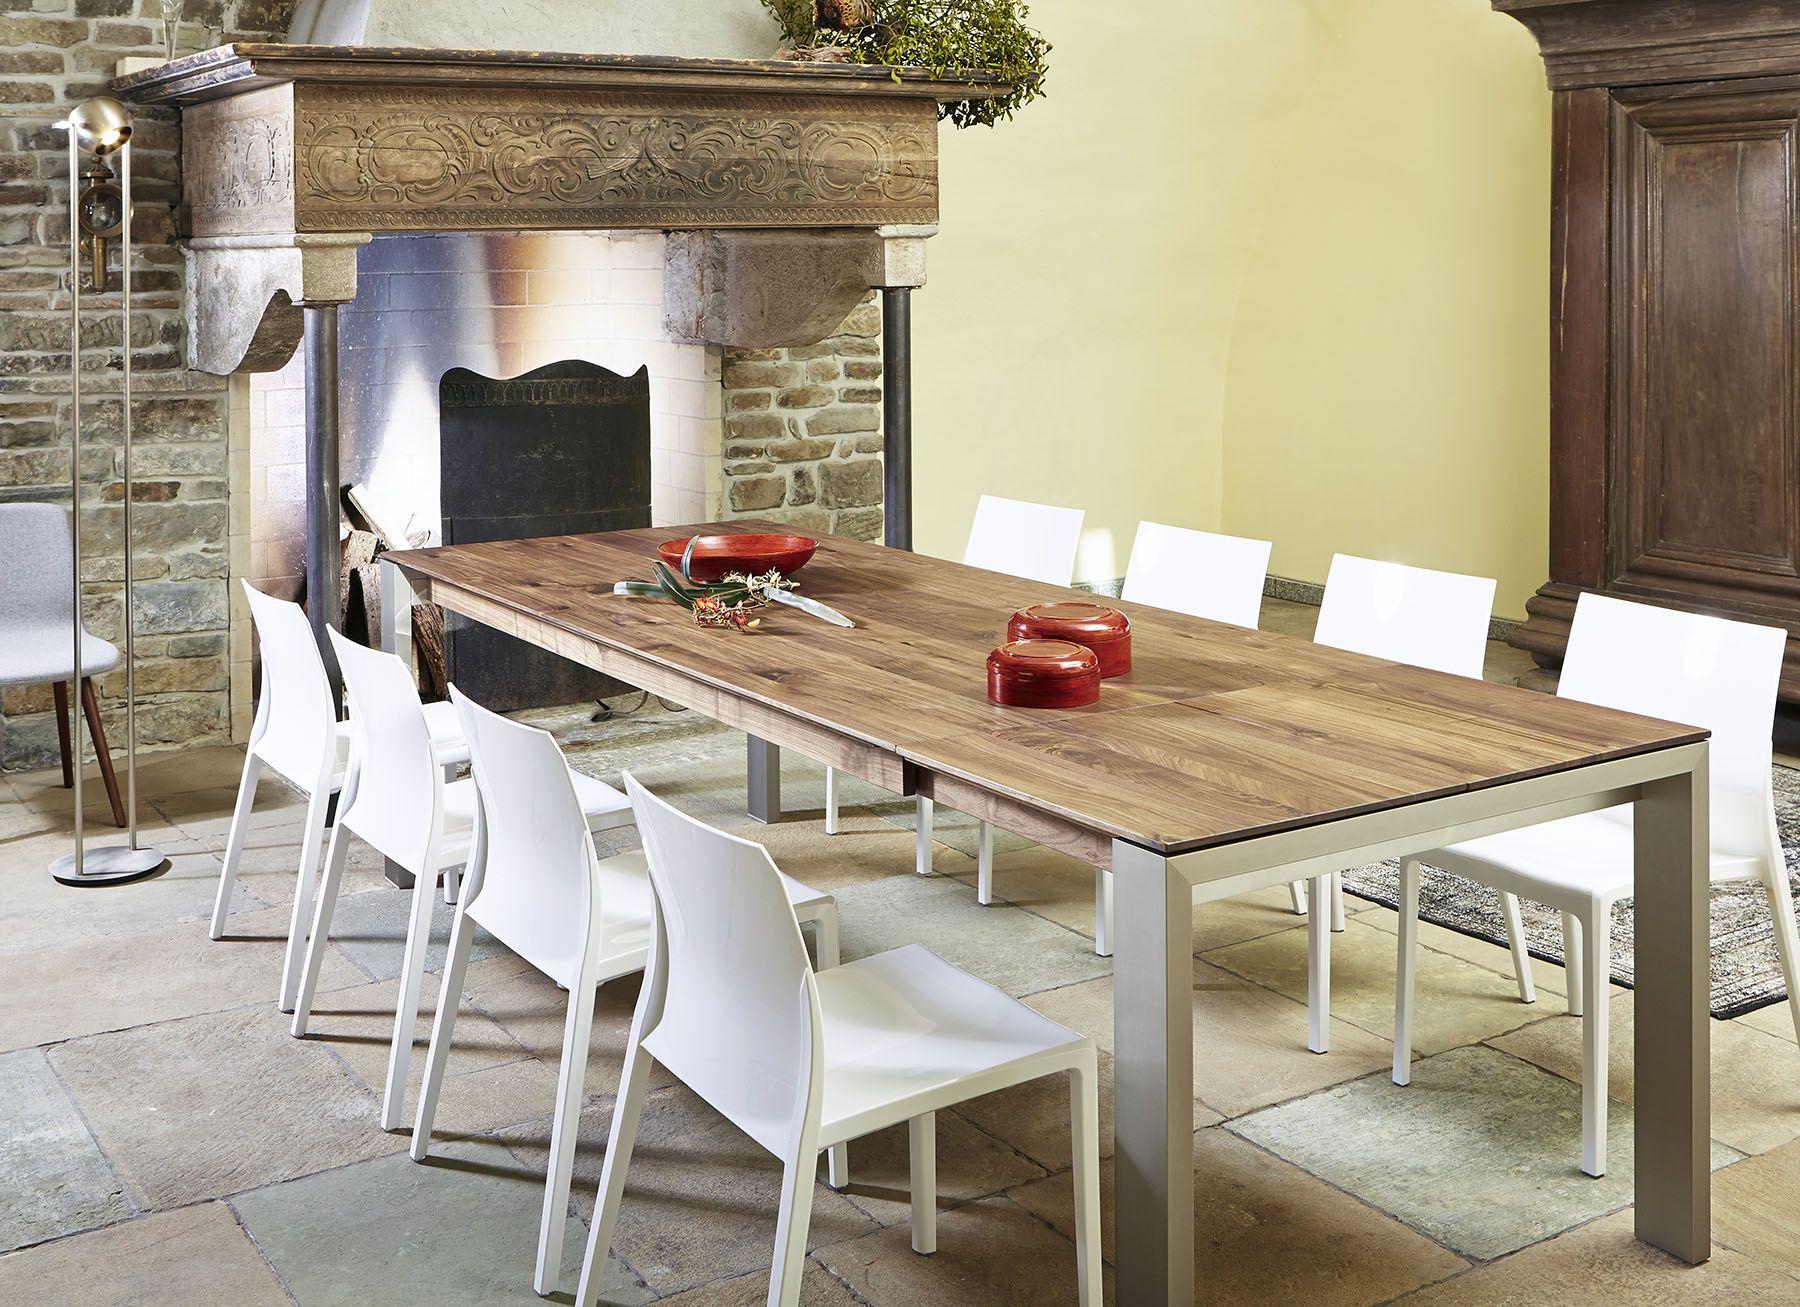 Esstisch amalfi mit astnussbaum tischplatte und aluminium for Esstisch holz mit edelstahl